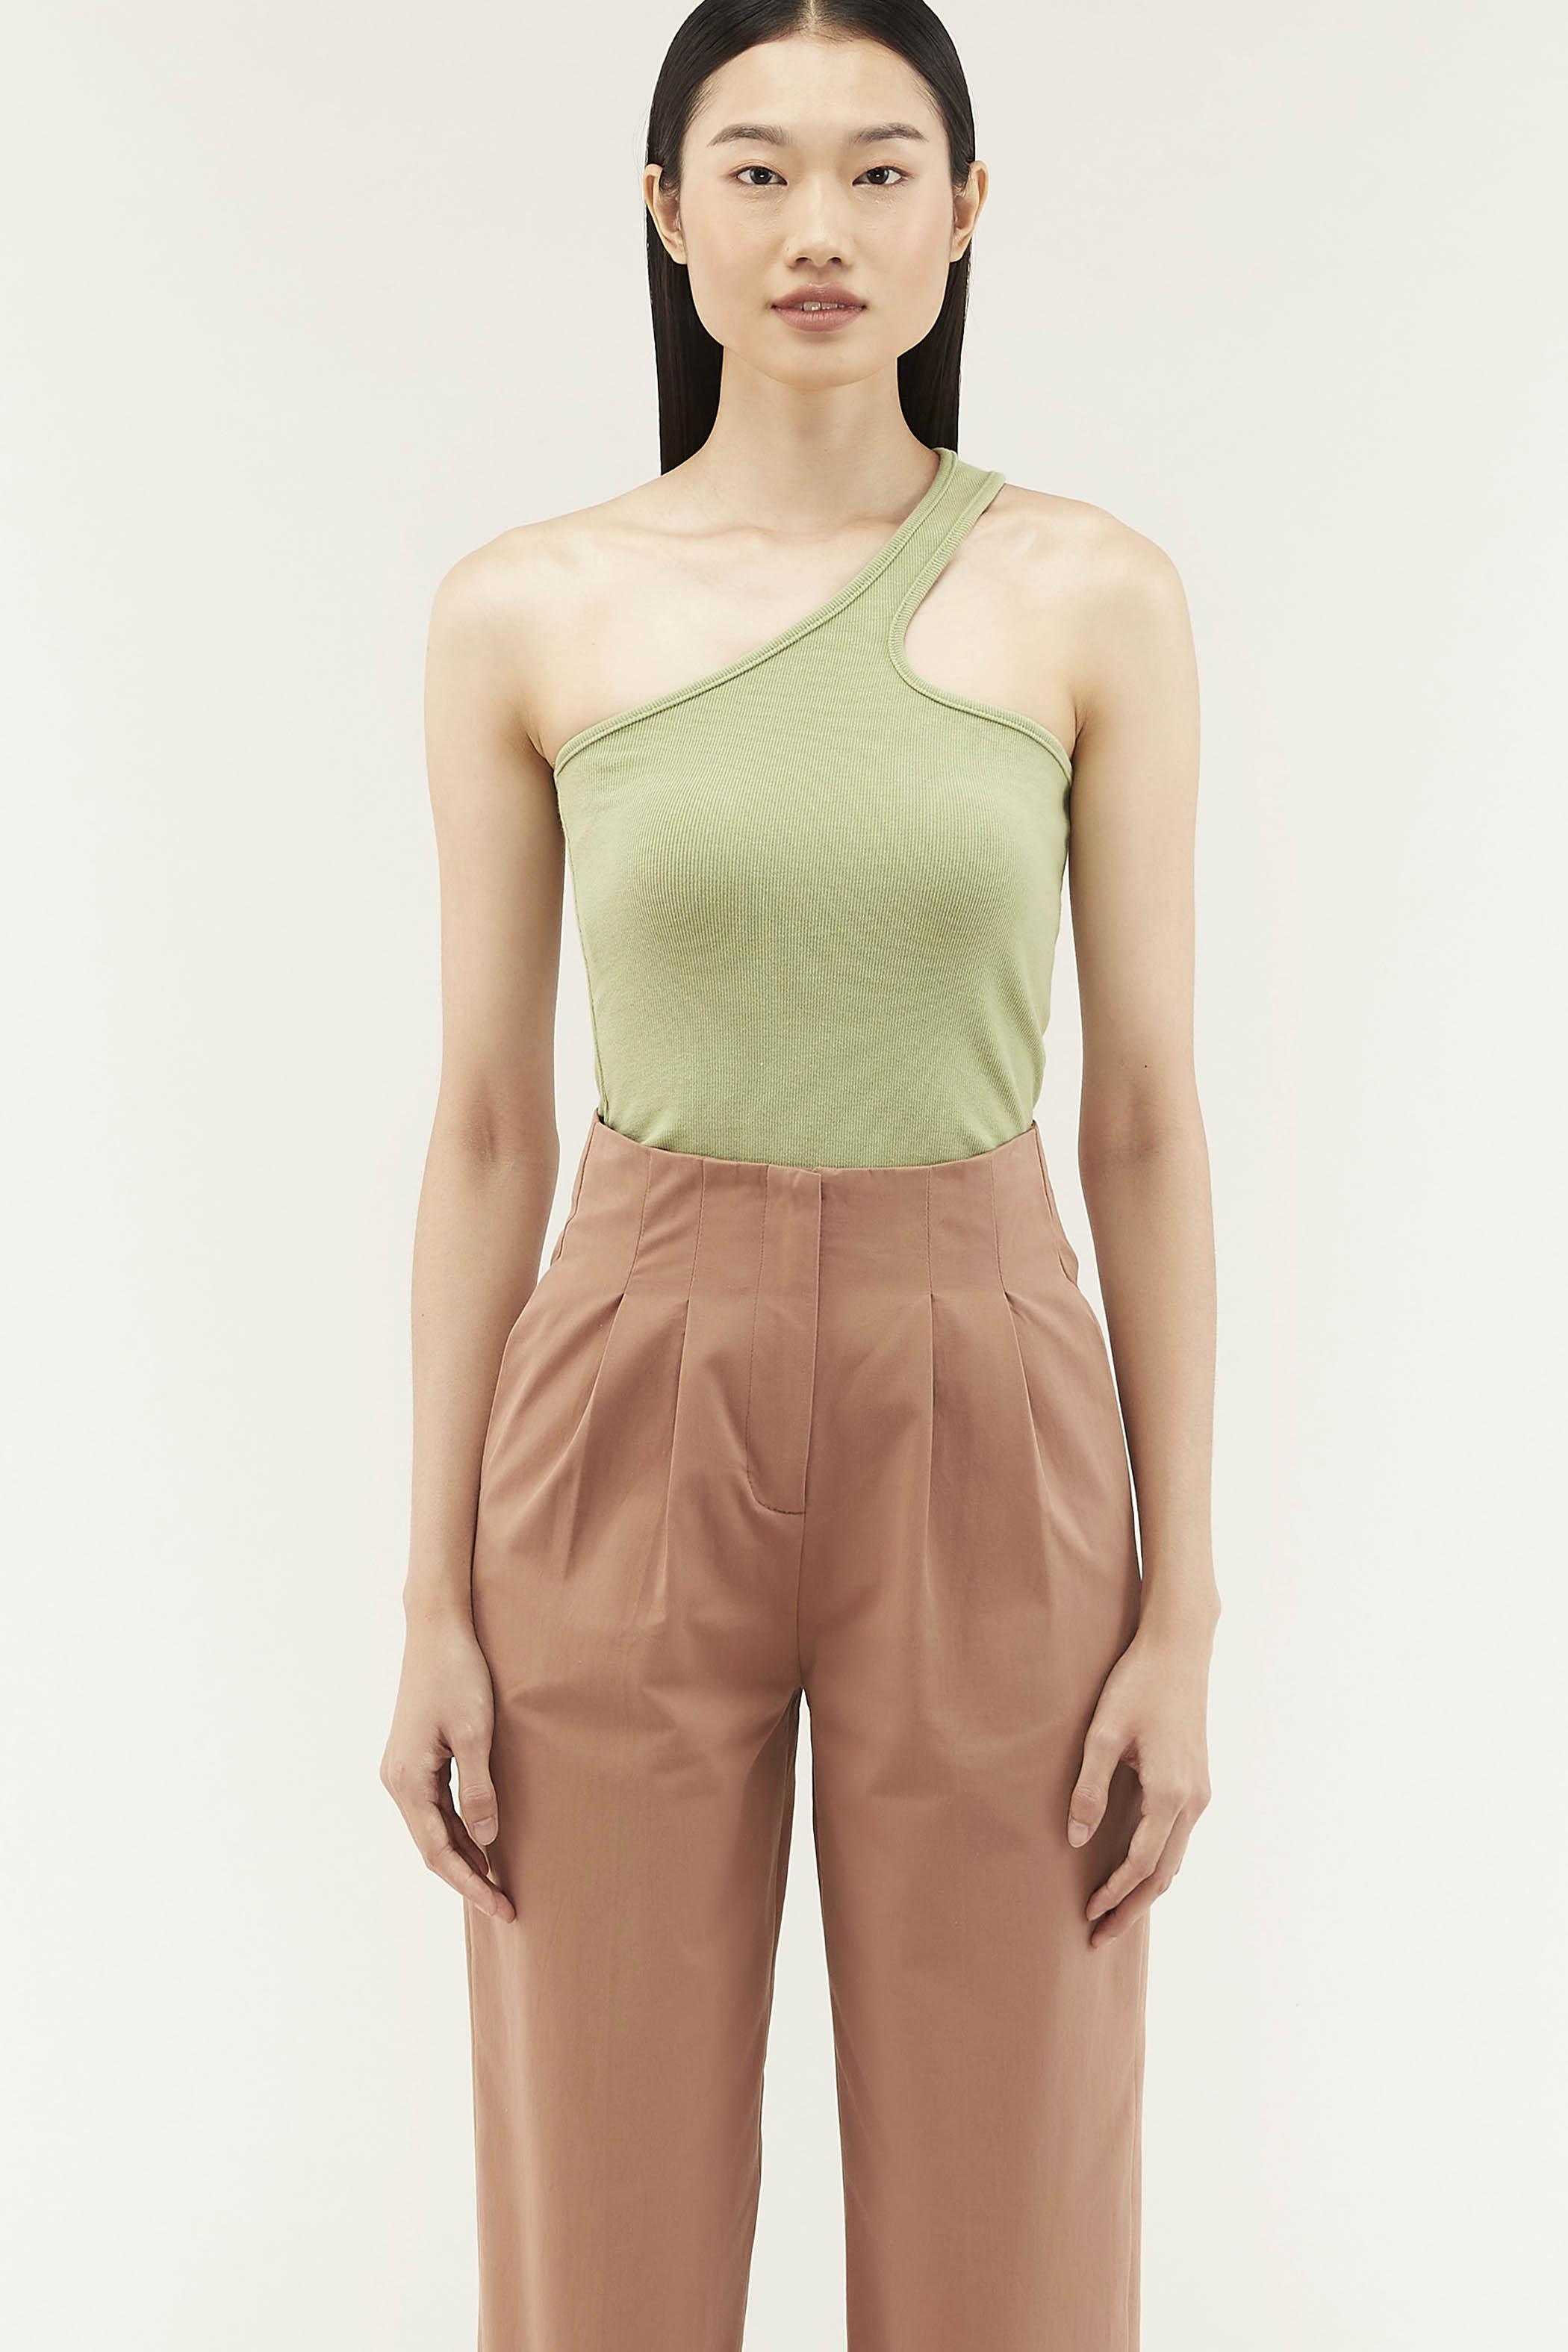 Jenna One-shoulder Top